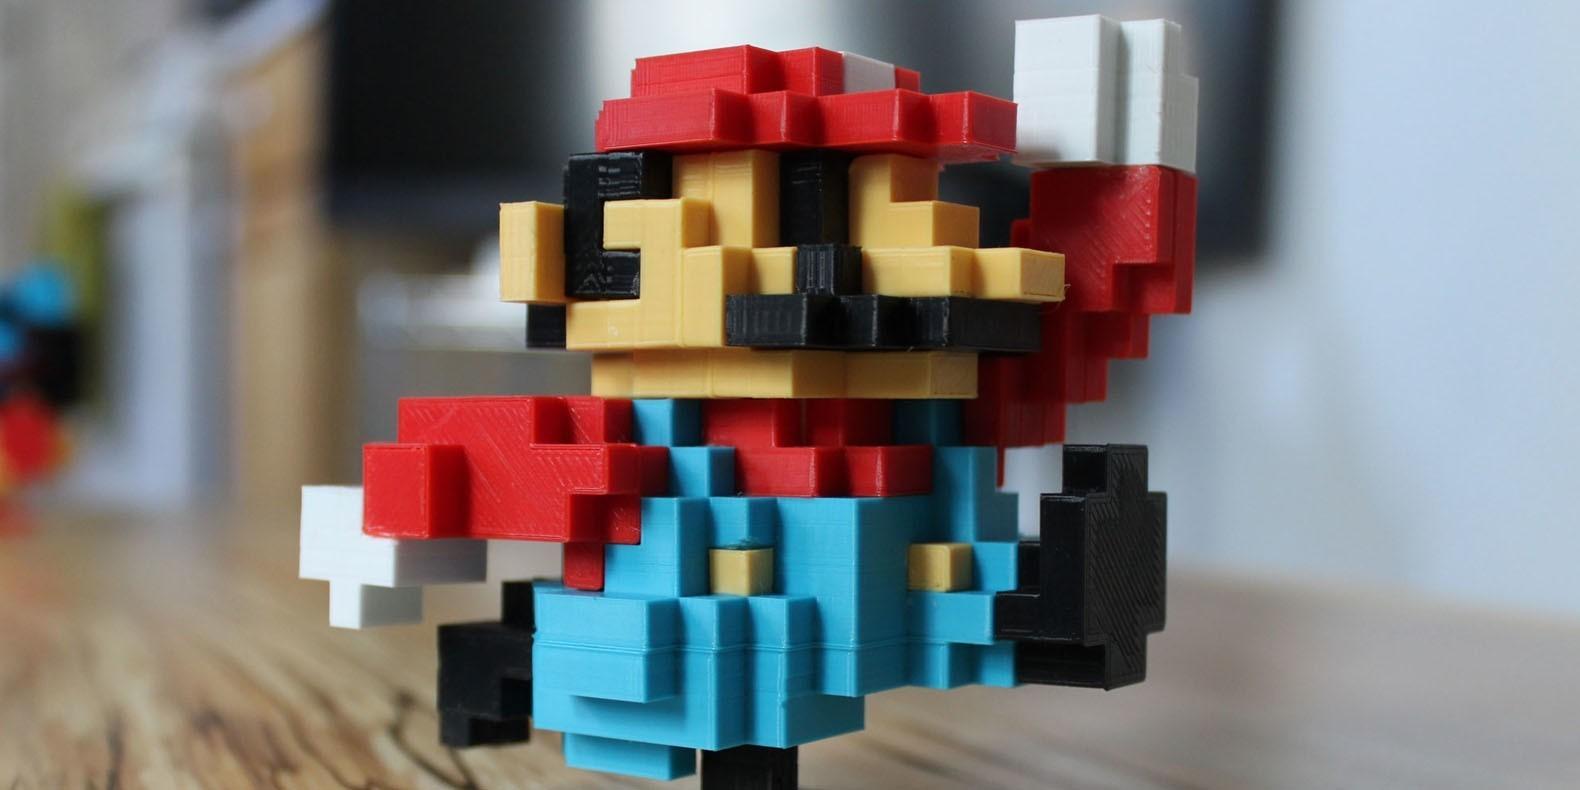 Encuentre aquí una selección de los mejores modelos 3D de Mario para hacer con una impresora 3D